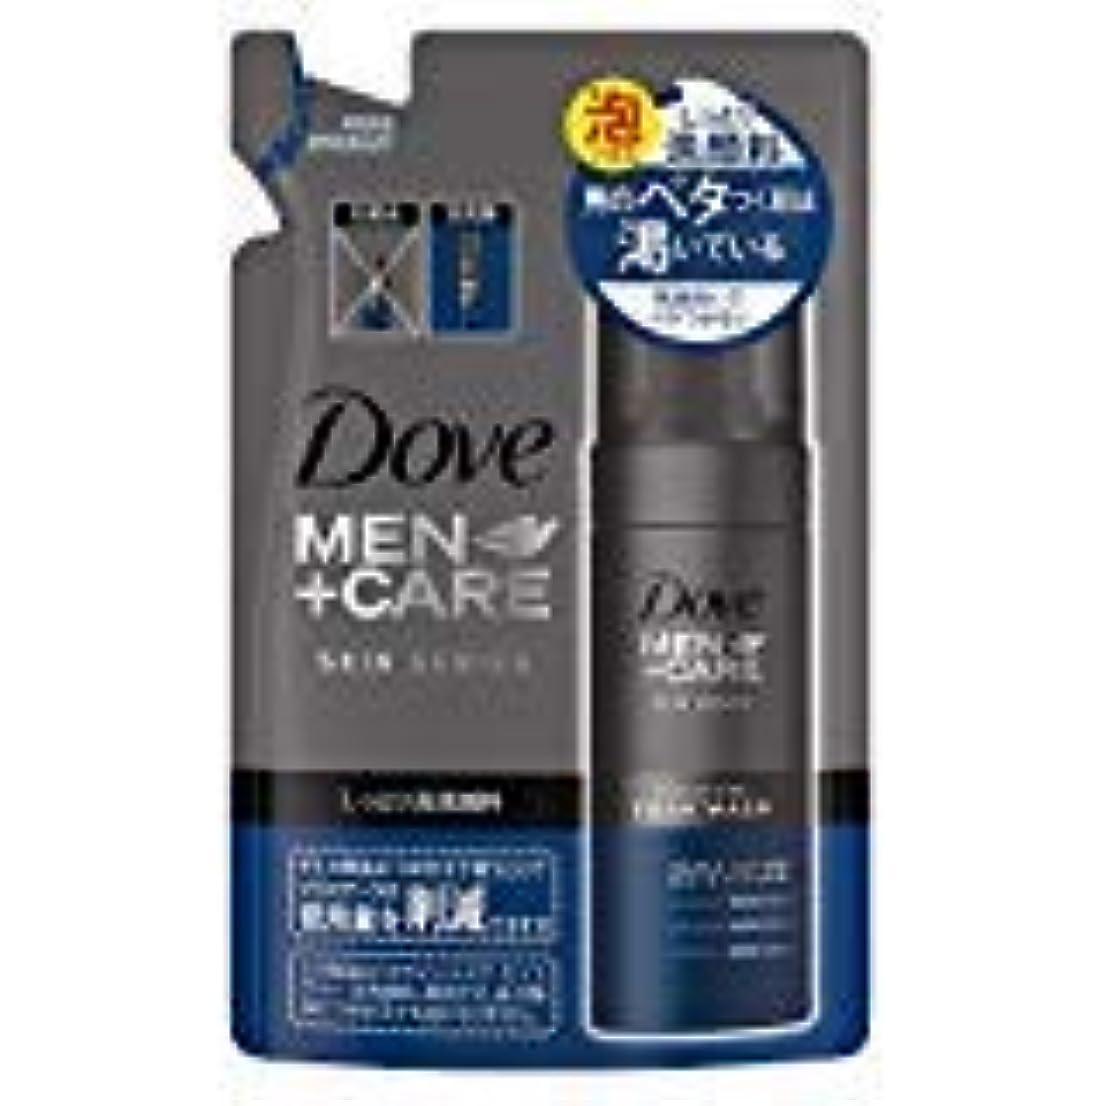 調和ジュラシックパーク宣言ダヴメン+ケア モイスチャー 泡洗顔料つめかえ用120ml×12点